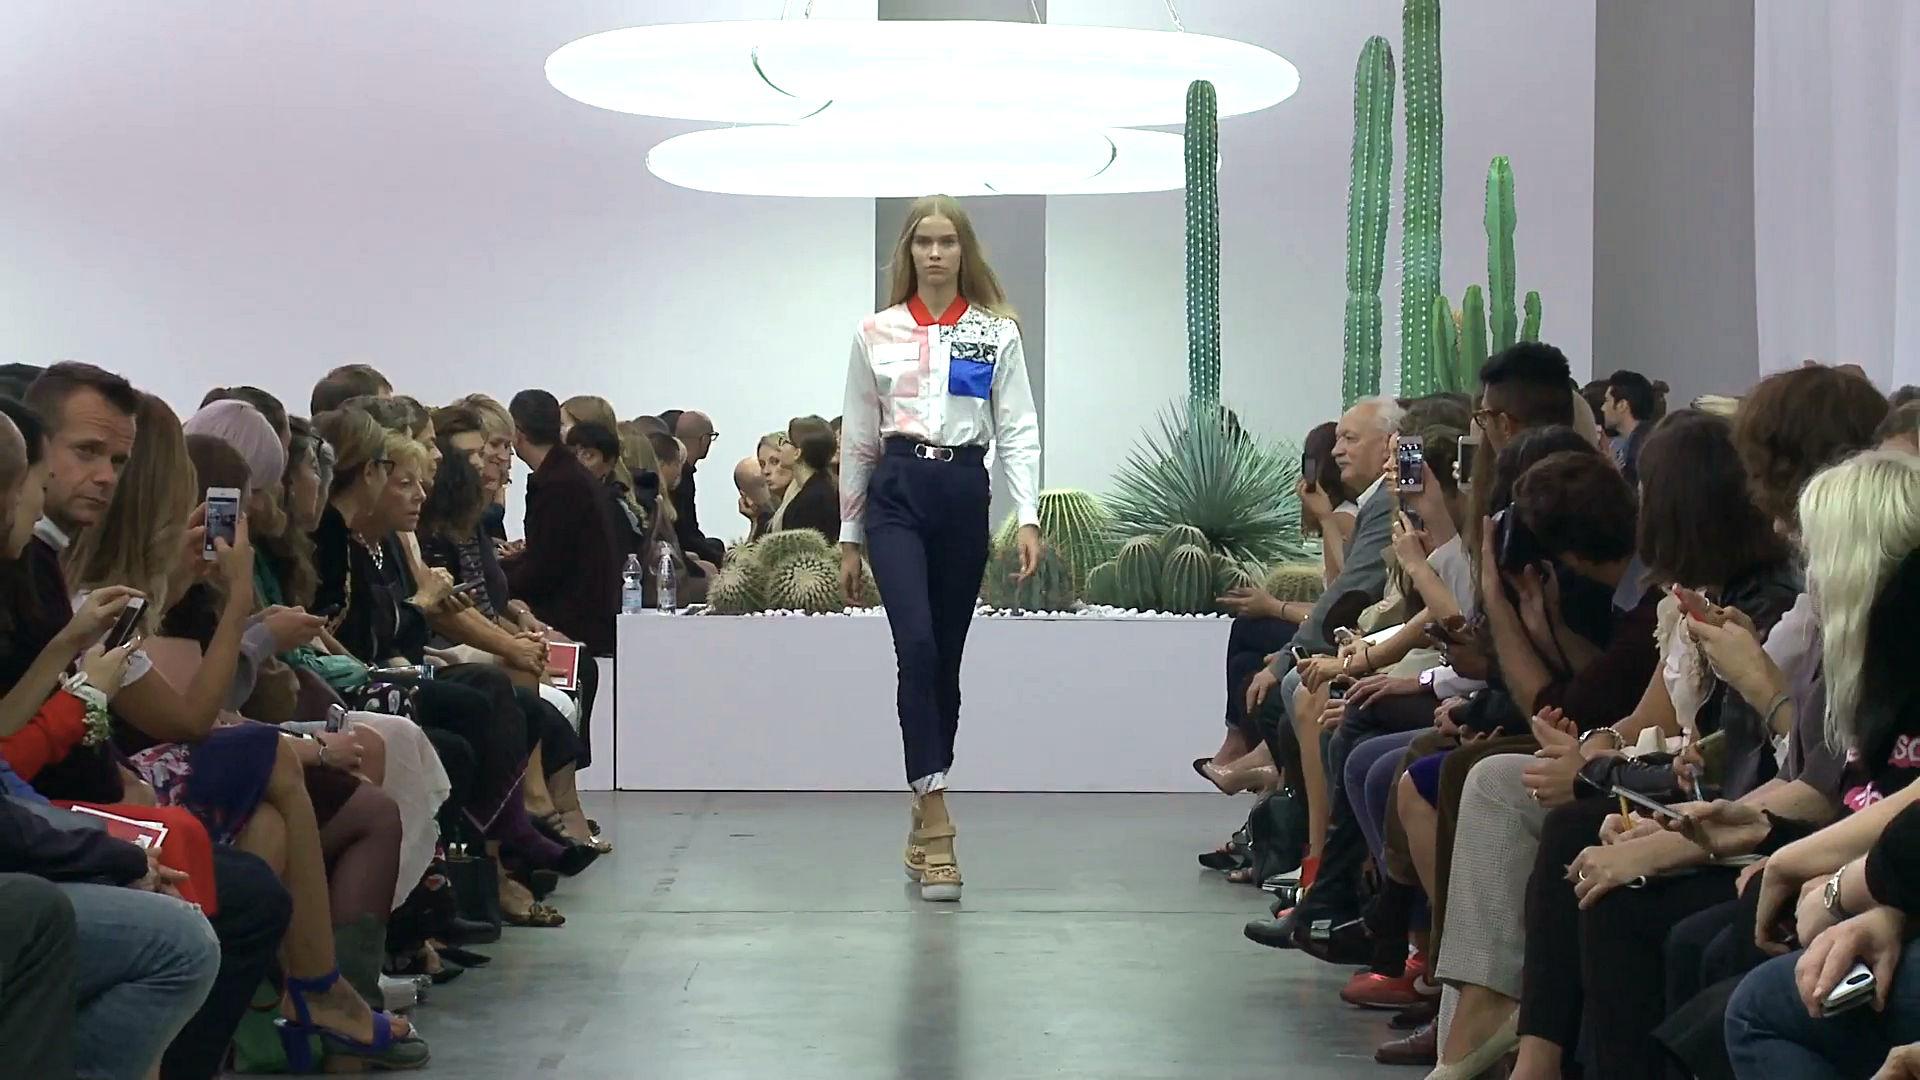 Iceberg Spring Summer 2015 Women's Fashion Show - Milan Fashion Week